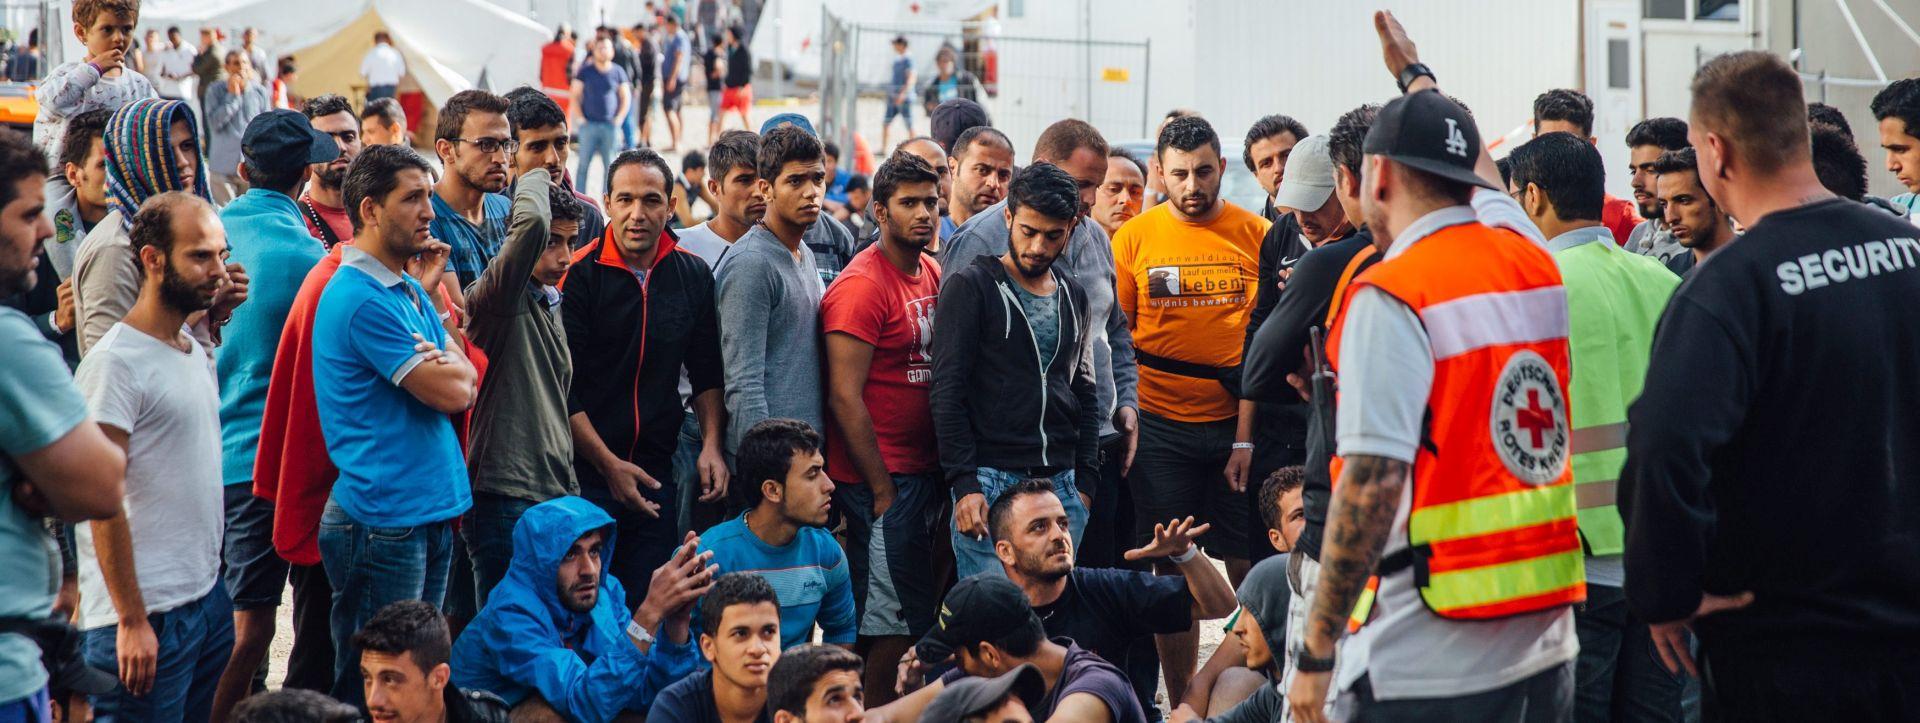 KRIZA U LA MANCHEU: Britanska vlada najavila nove mjere za suzbijanje imigracije